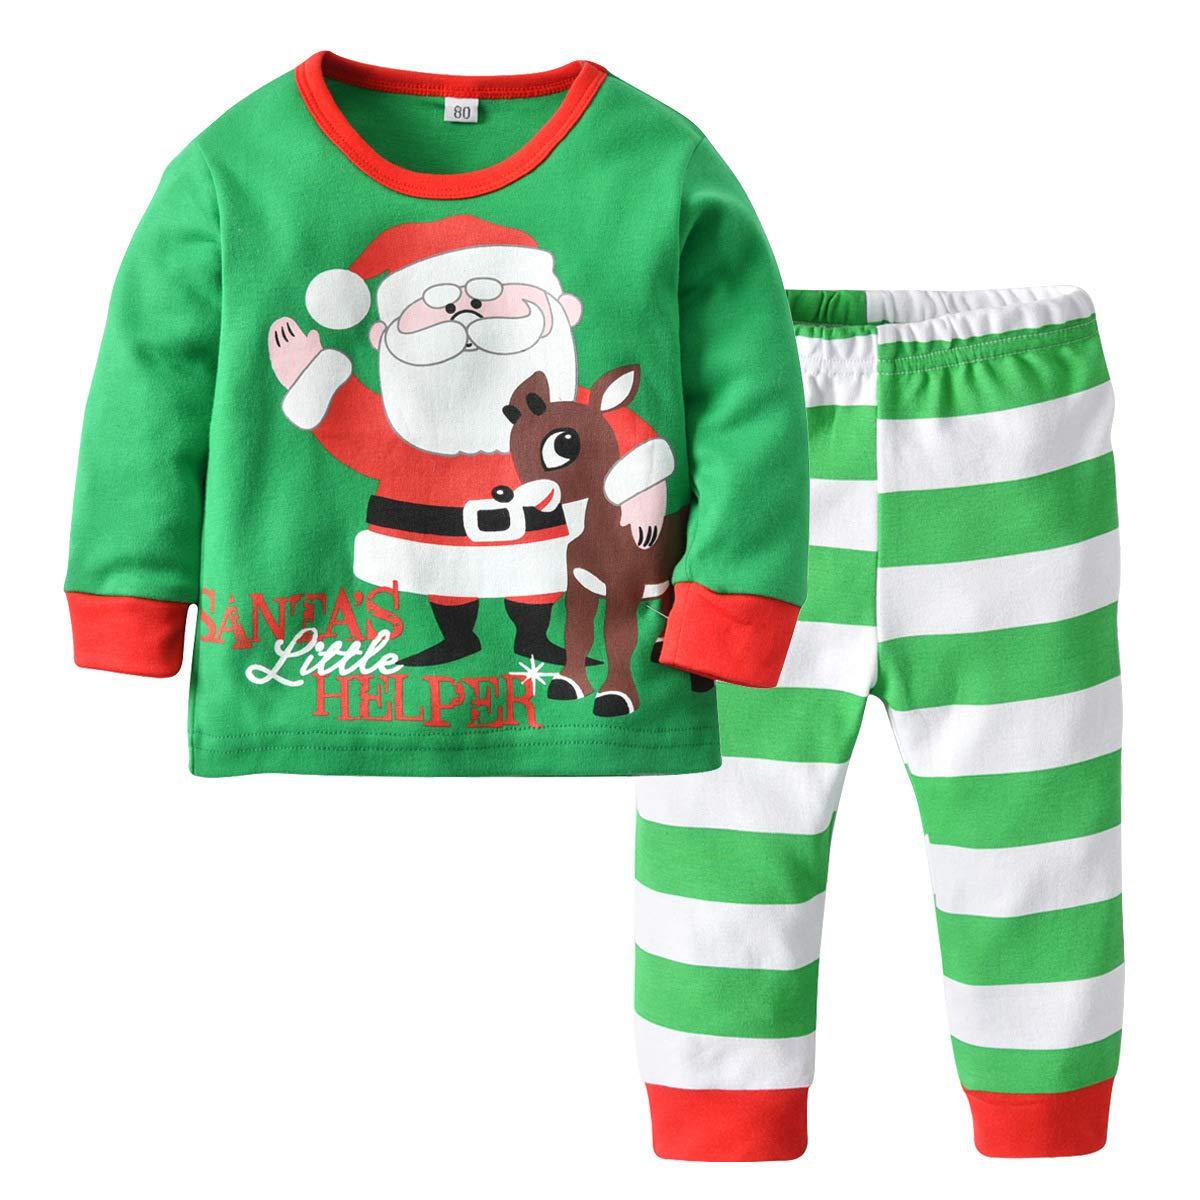 Tute Bambino Inverno 2Pcs Set Neonato Maglietta Natale Stampa + Pantaloni a RigheLunga Set da Pigiama